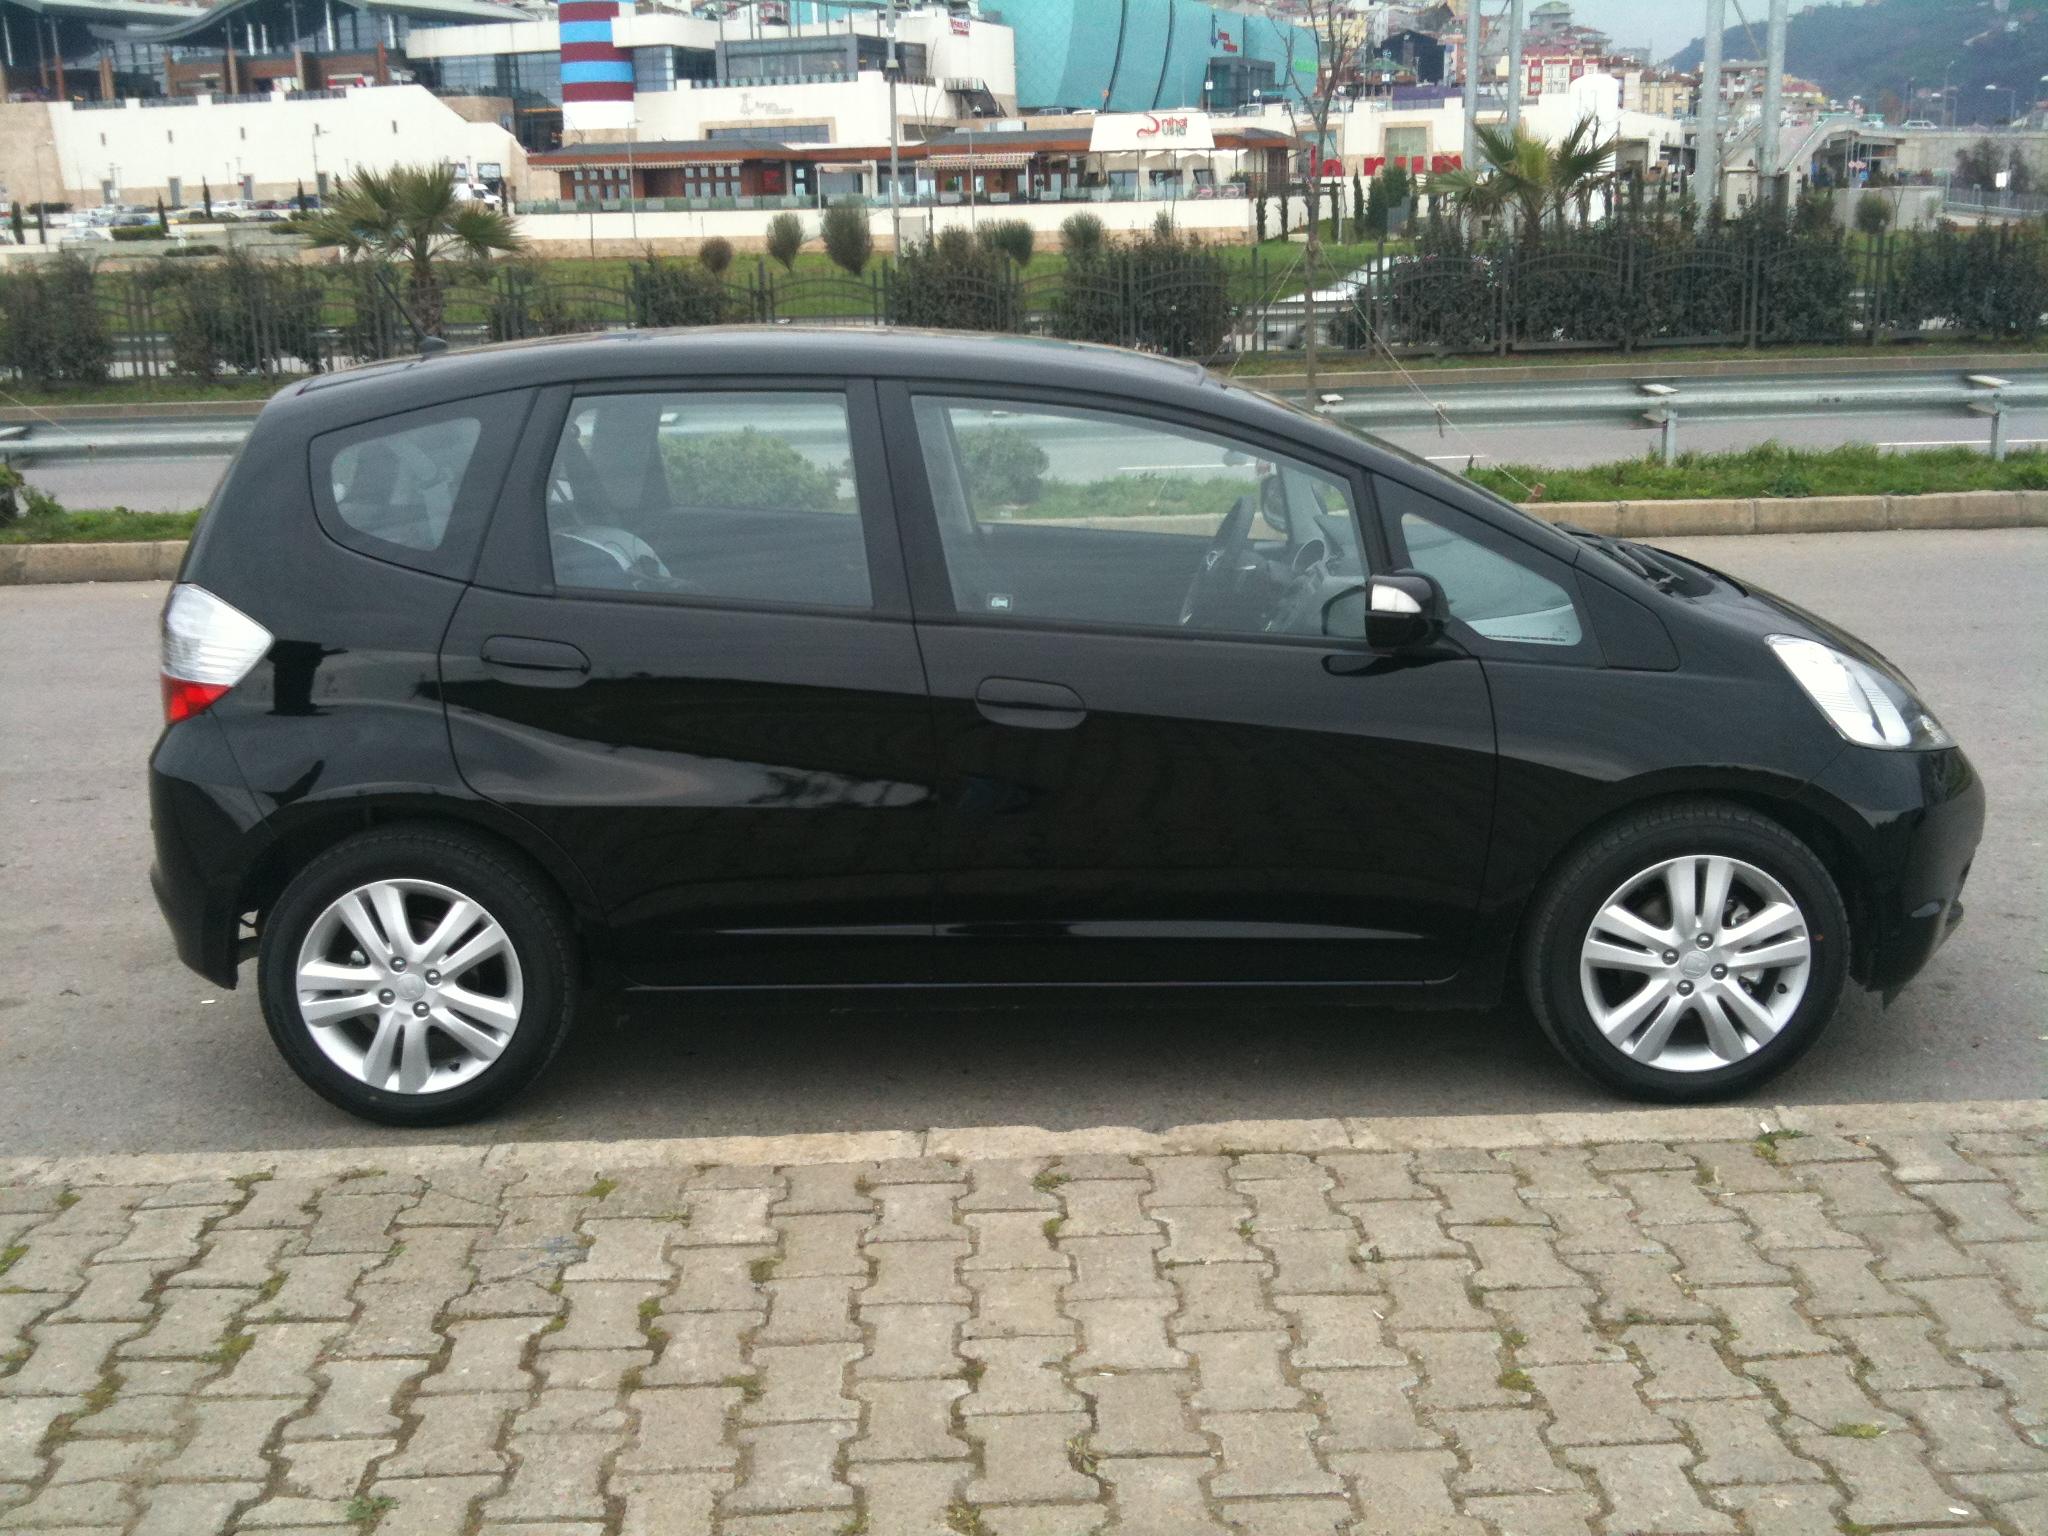 Honda Jazz 14 I Shift Fun Incelemesi Emre Kiyakoğlu Kişisel Web